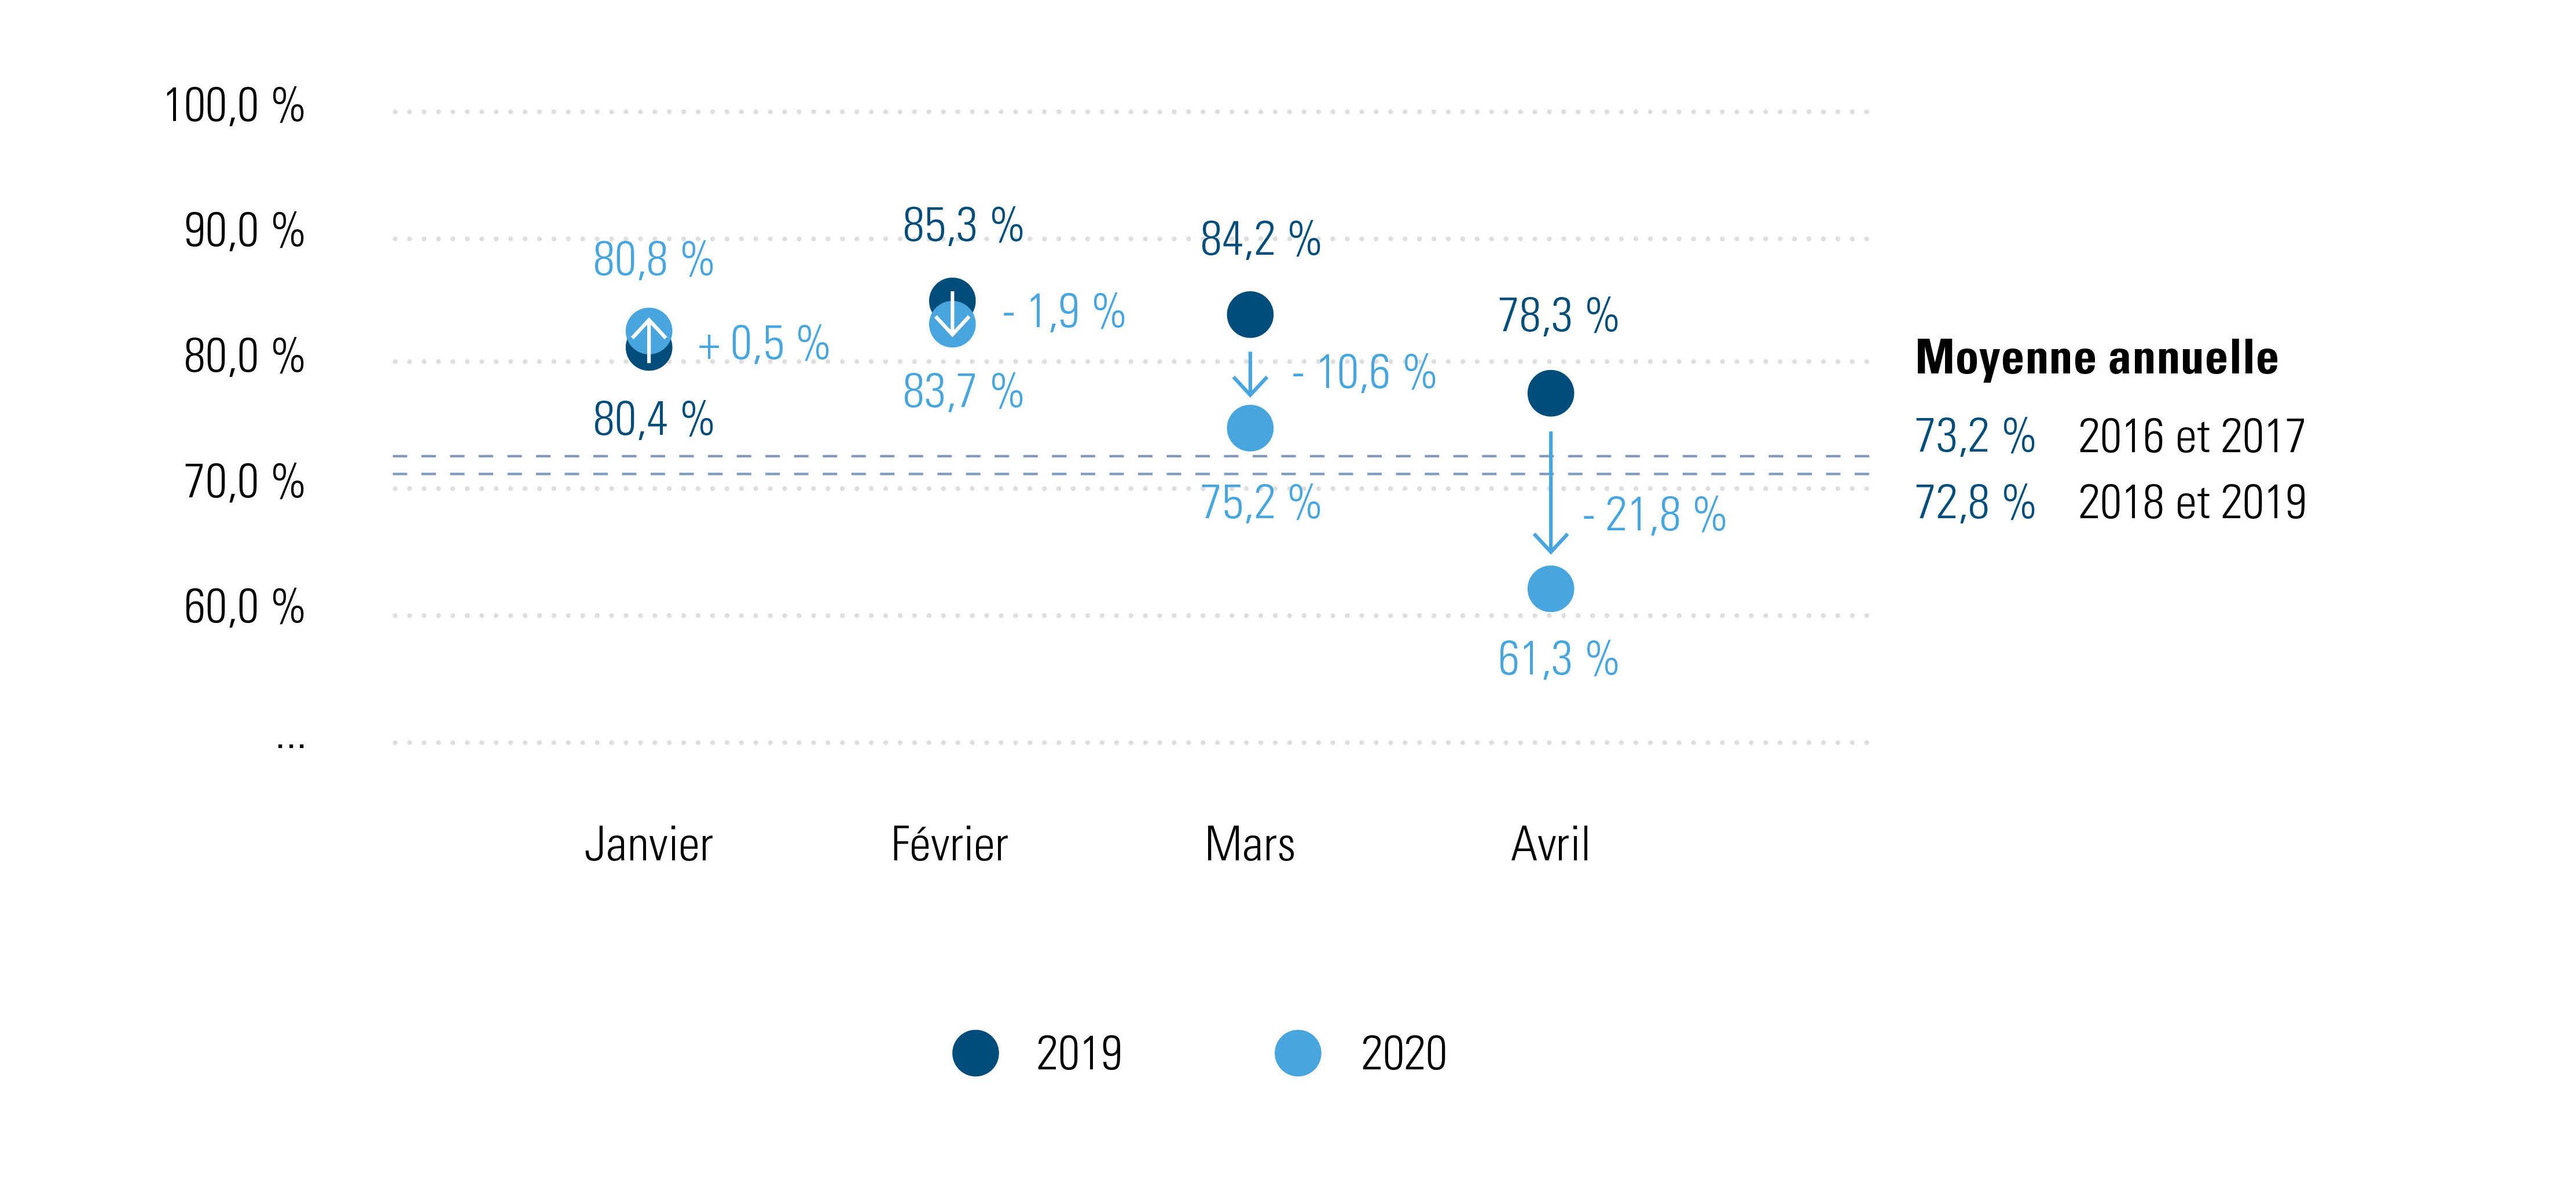 Figure 1 : % des heures de travail prestées par mois, 2016-2019 et 2019-2020